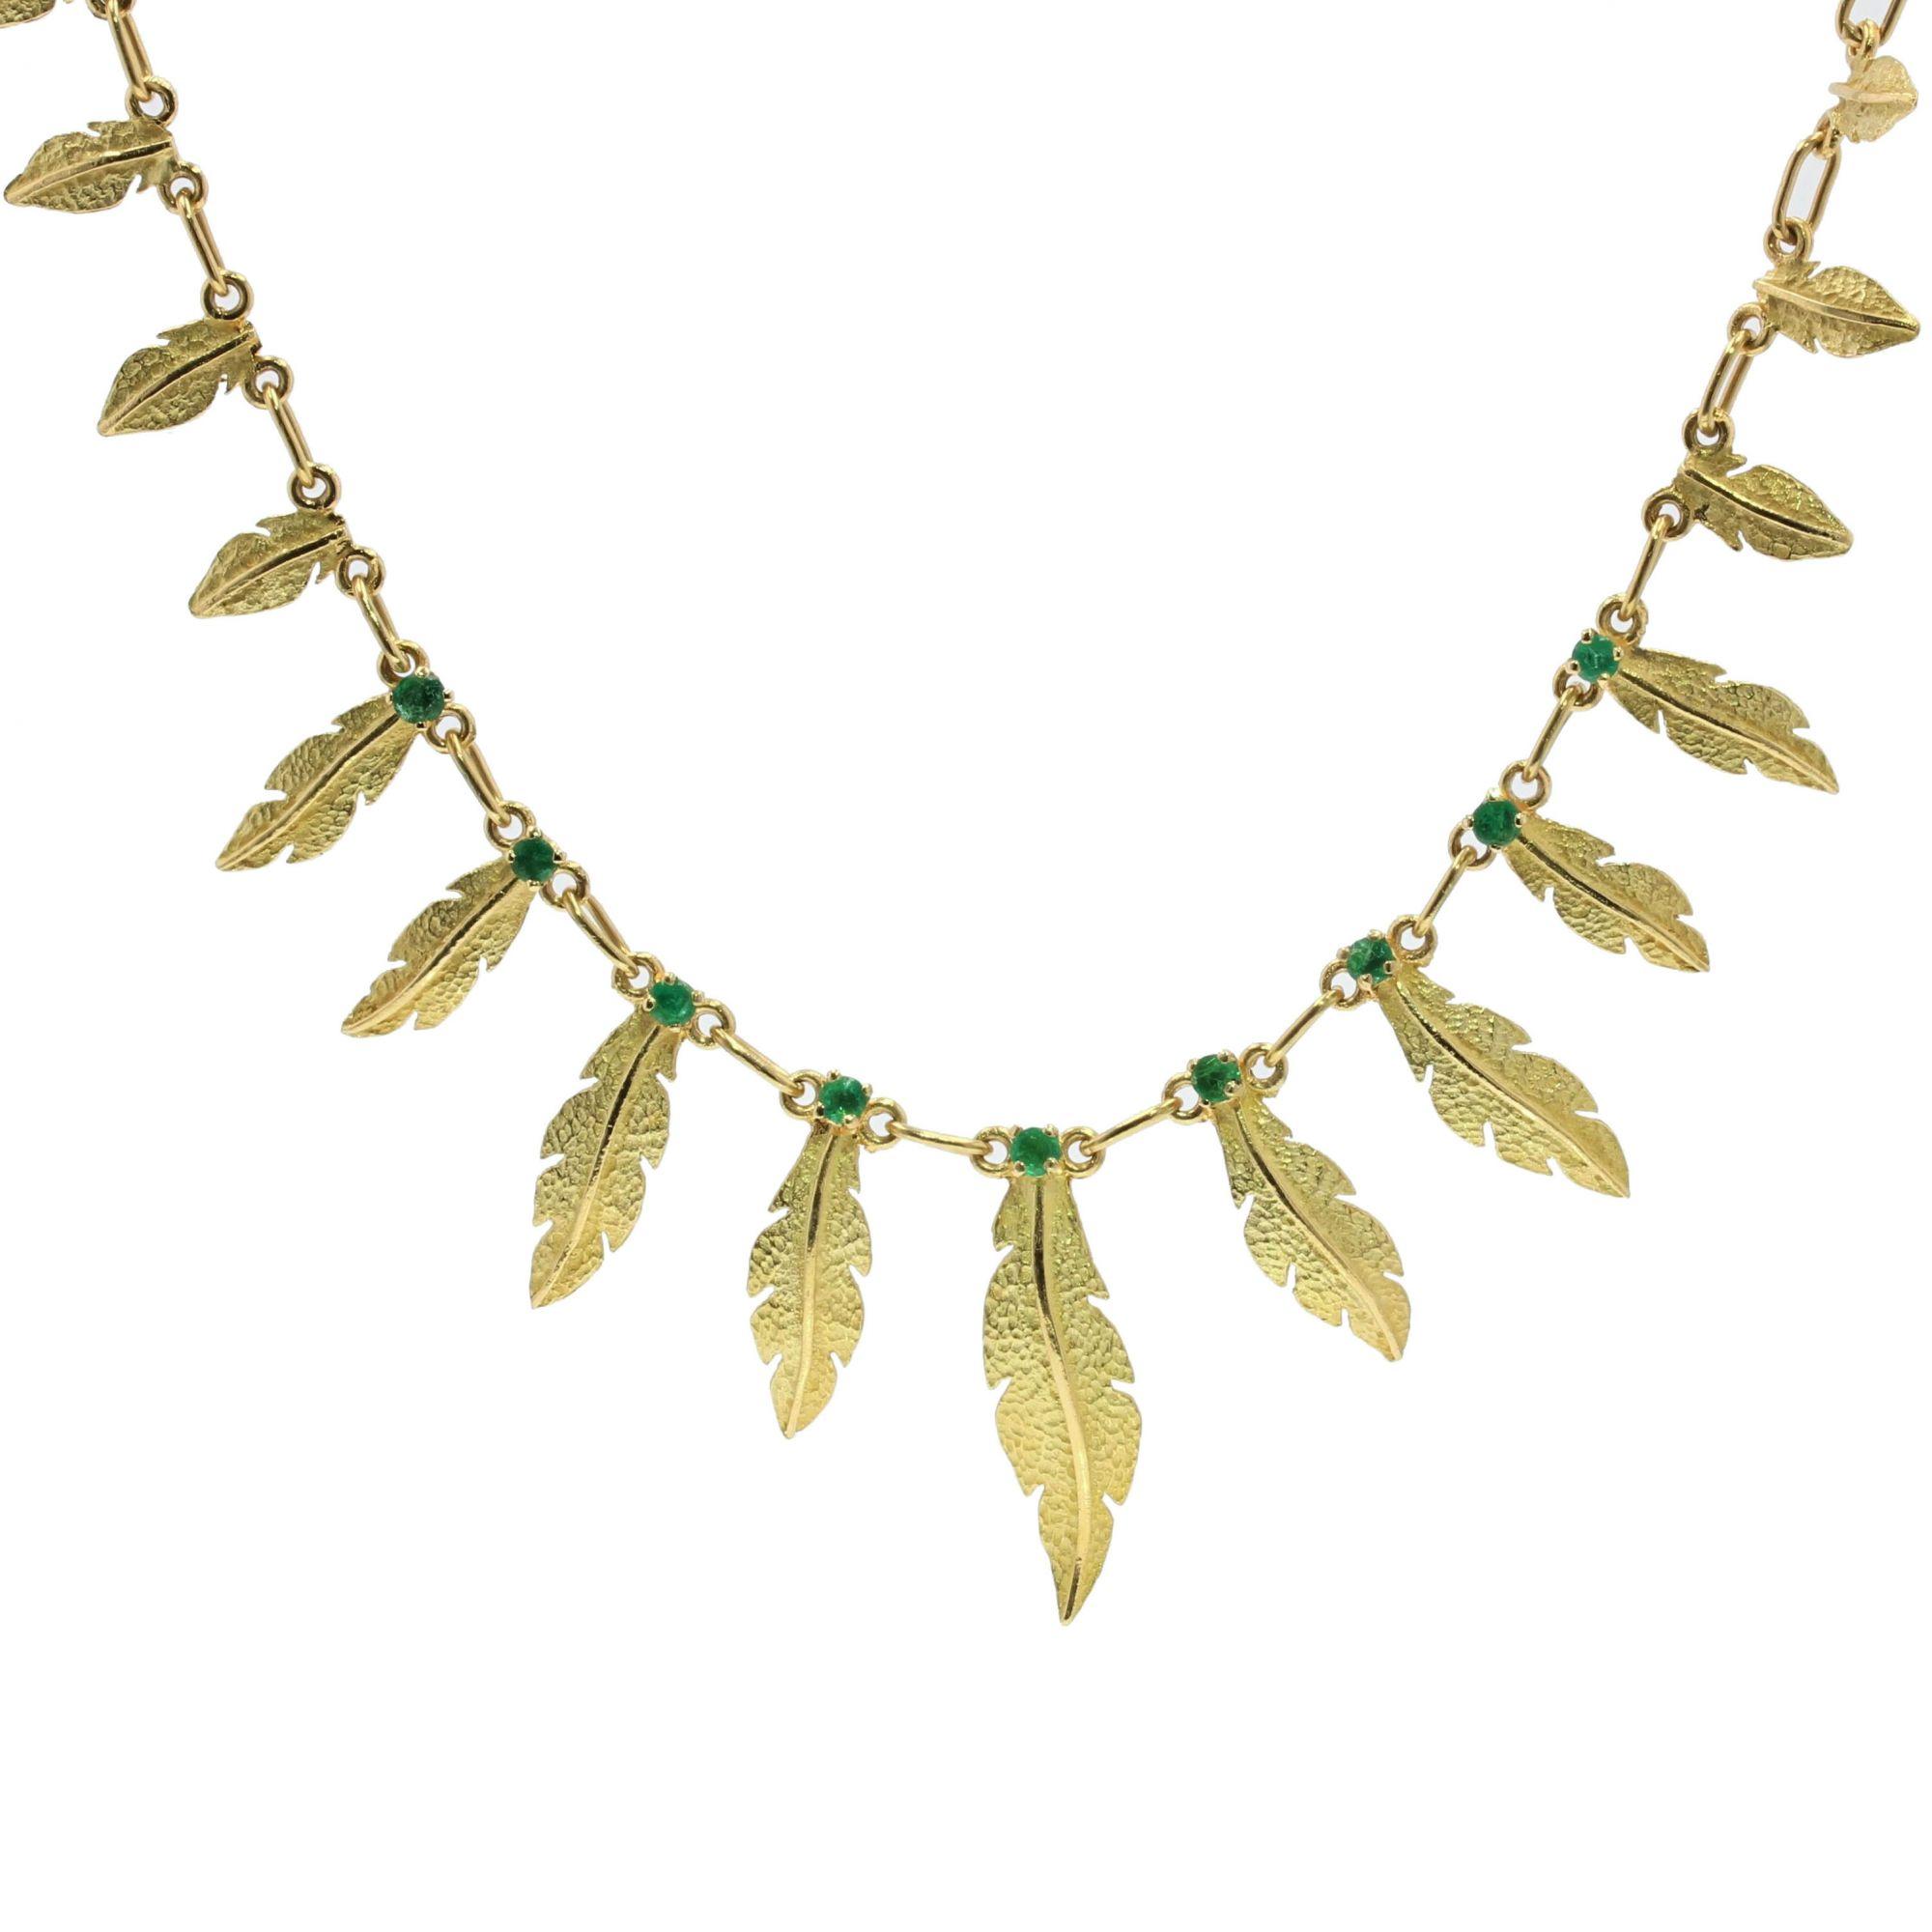 Collier en or et émeraudes plumes